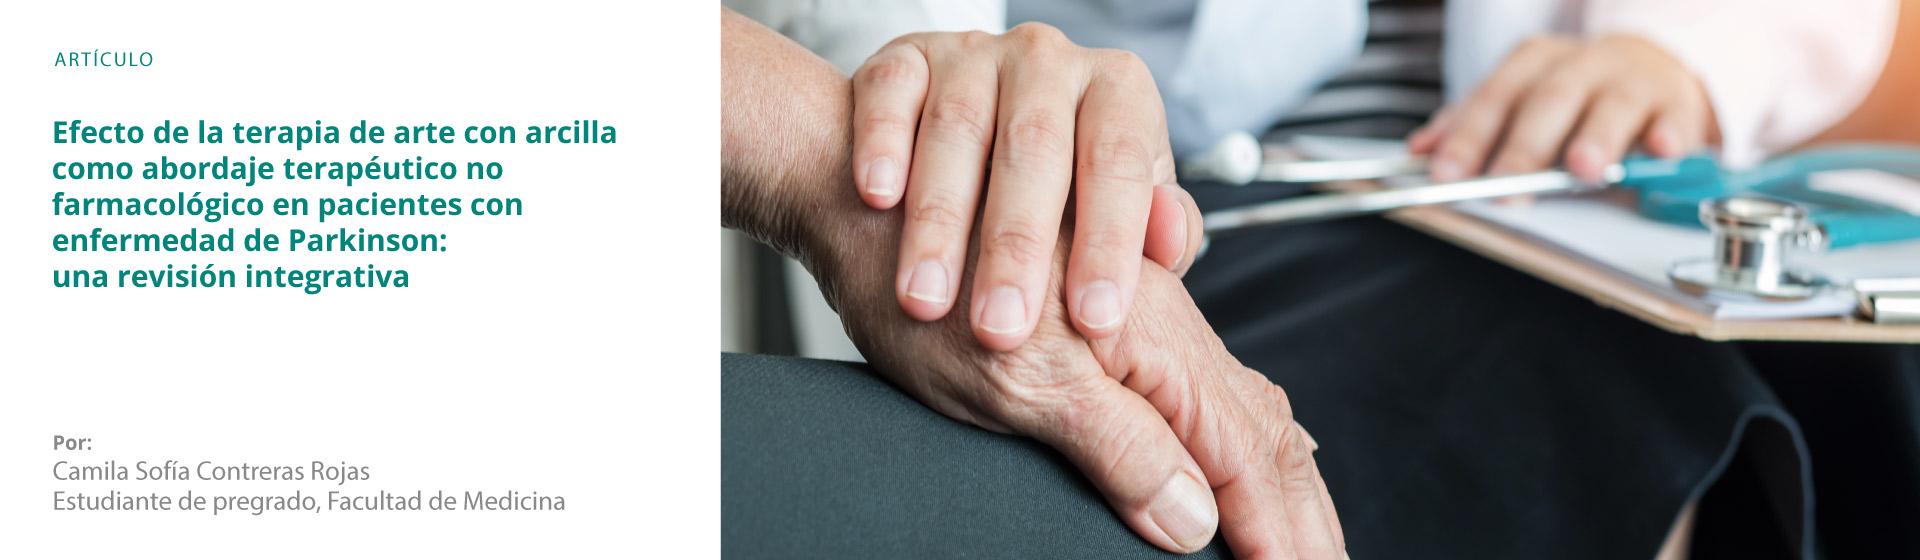 Efecto de la terapia de arte con arcilla como abordaje terapéutico no farmacológico en pacientes con enfermedad de Parkinson: una revisión integrativa